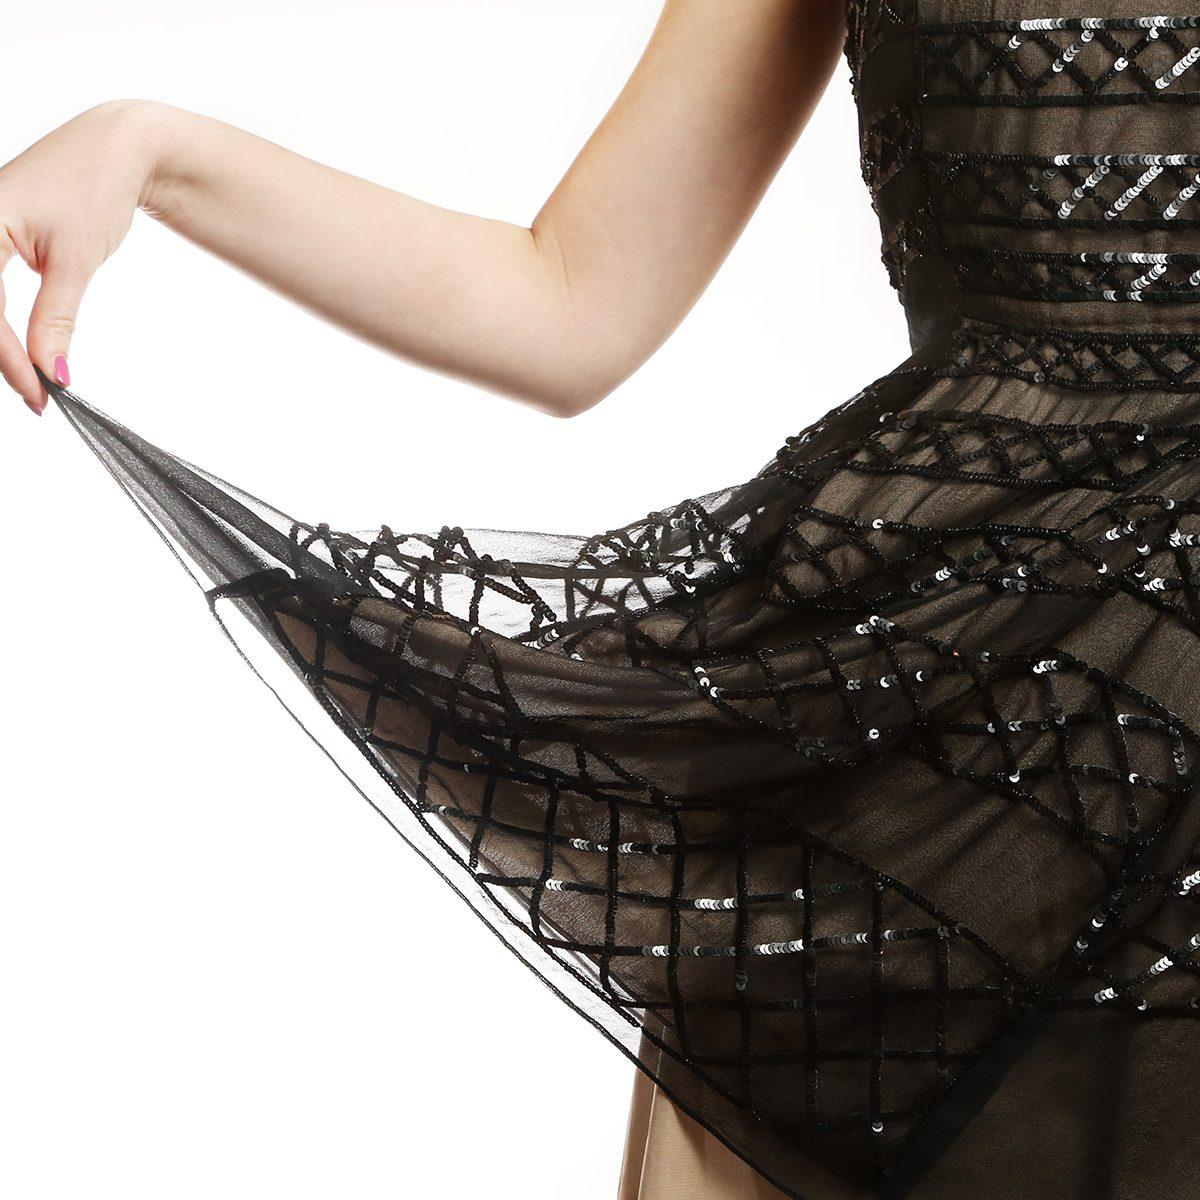 Sequin dress detail , Girl holding the hemline of her glamour sequin dress